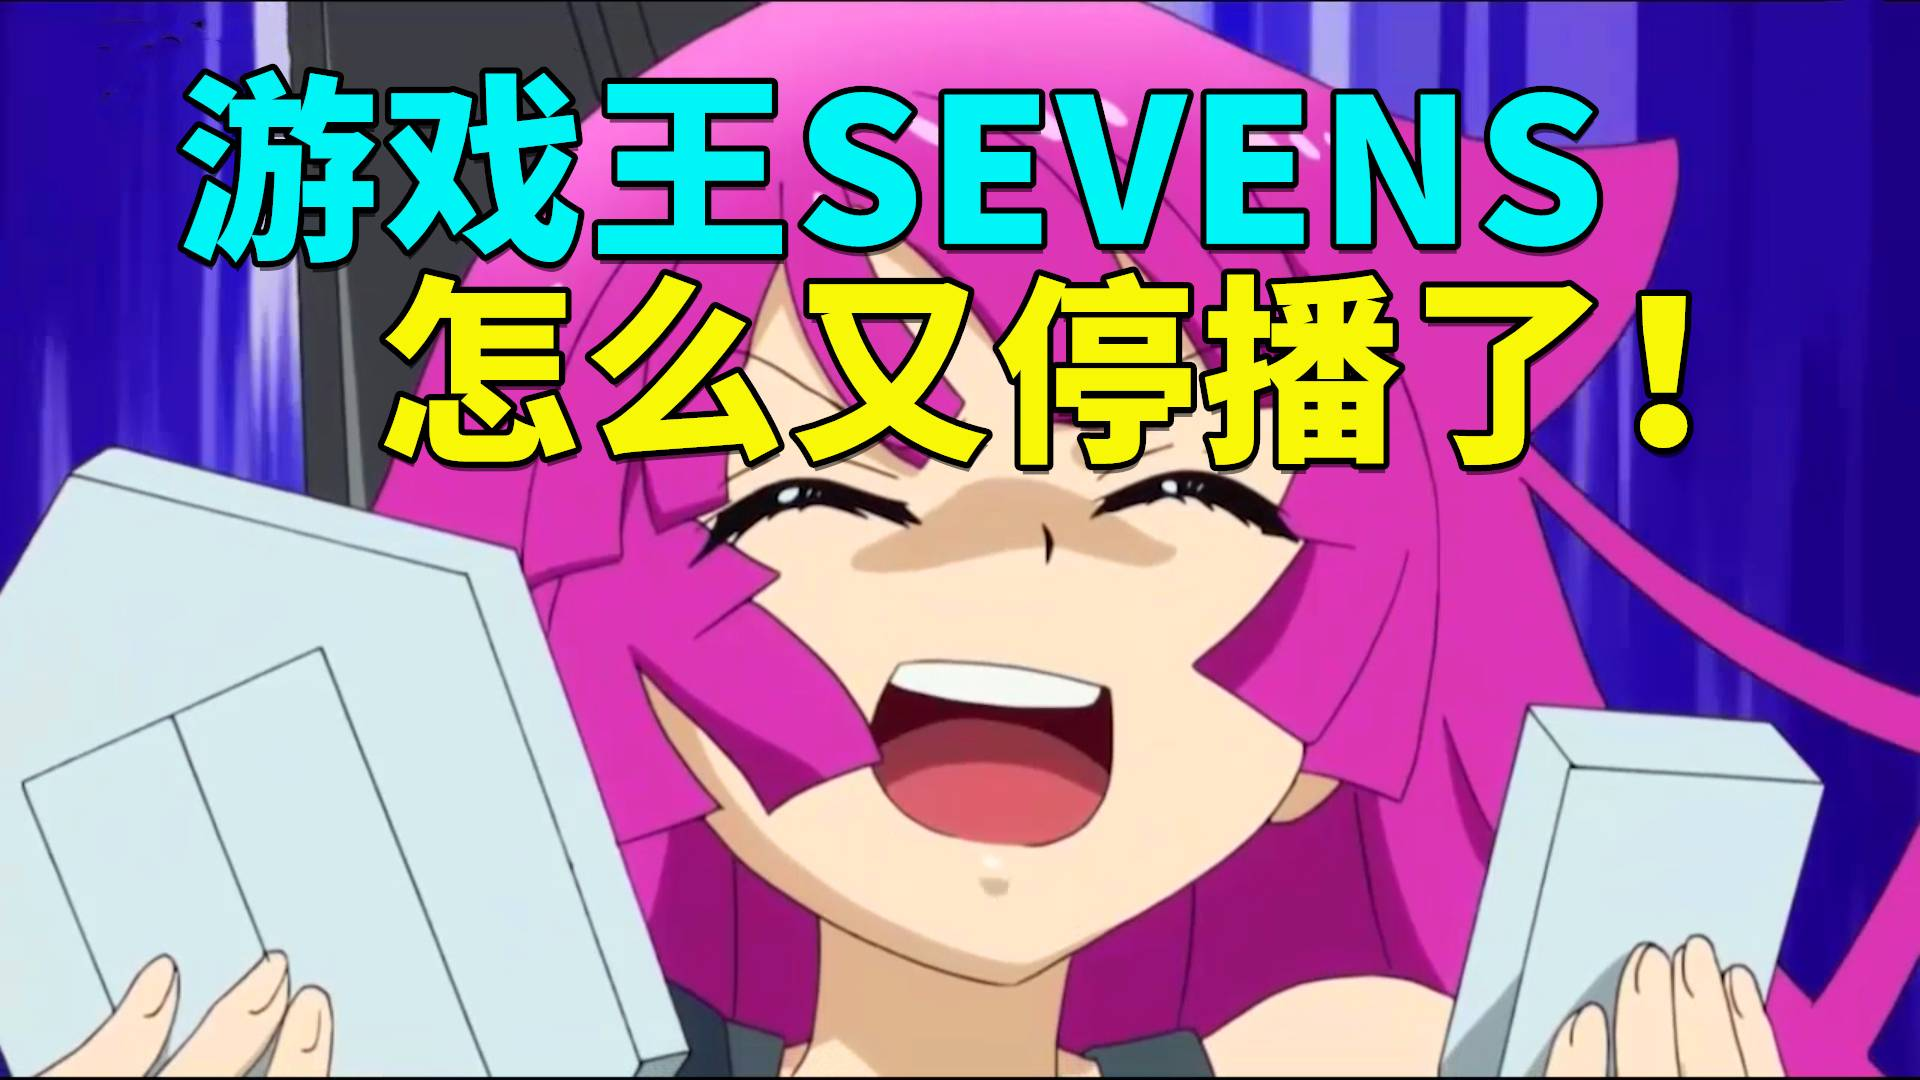 游戏王SEVENS再度遭停播!?带你回顾分析游戏王新作至今为止的表现!